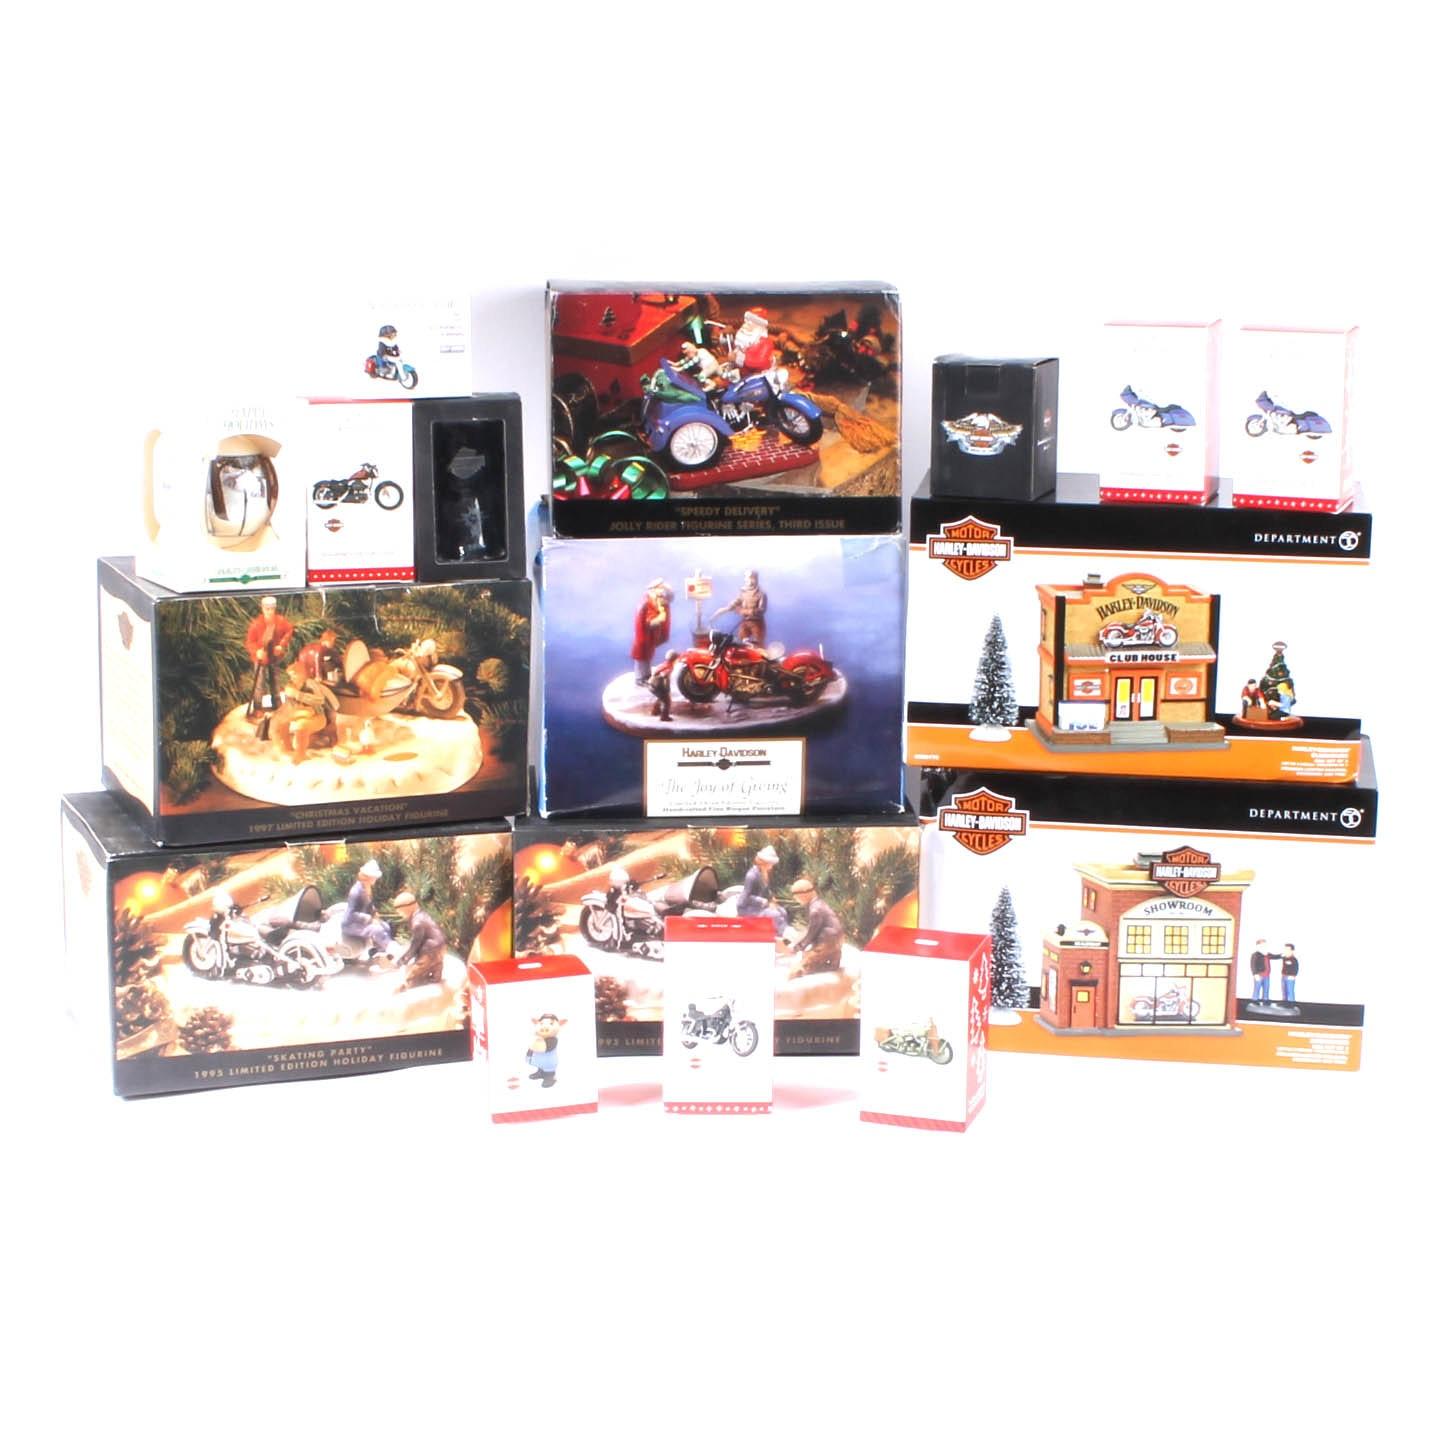 Harley-Davidson Christmas Theme Collectible Decor